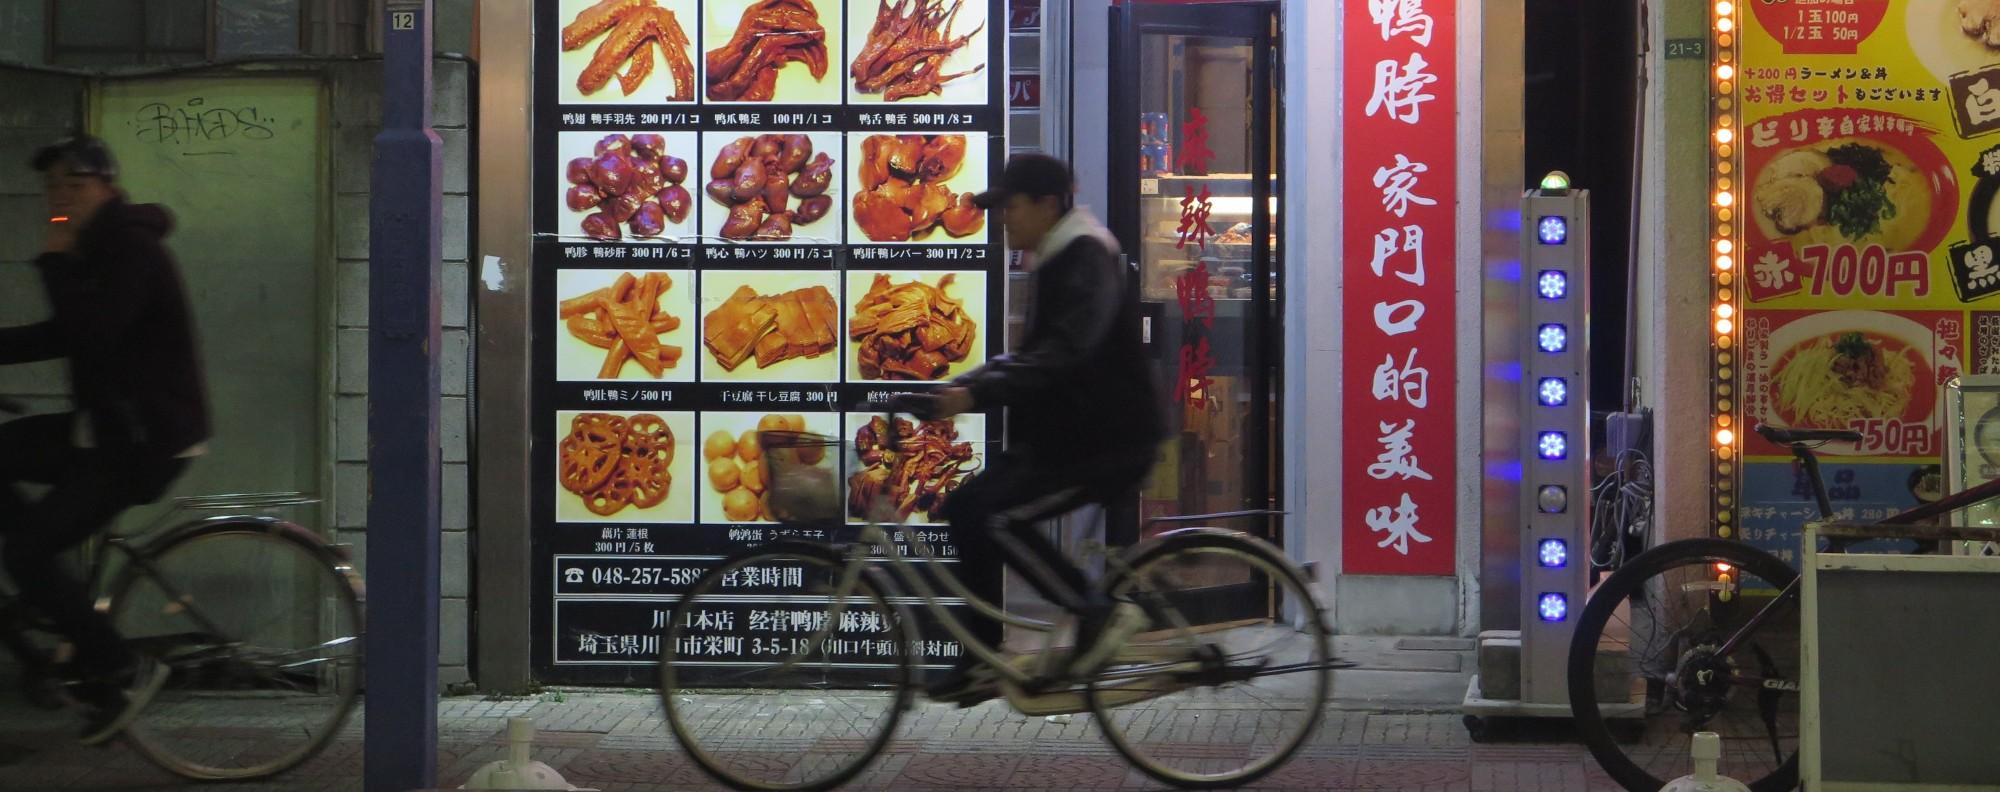 Chinatown, Kawaguchi. Photo: Takehiro Masutomo